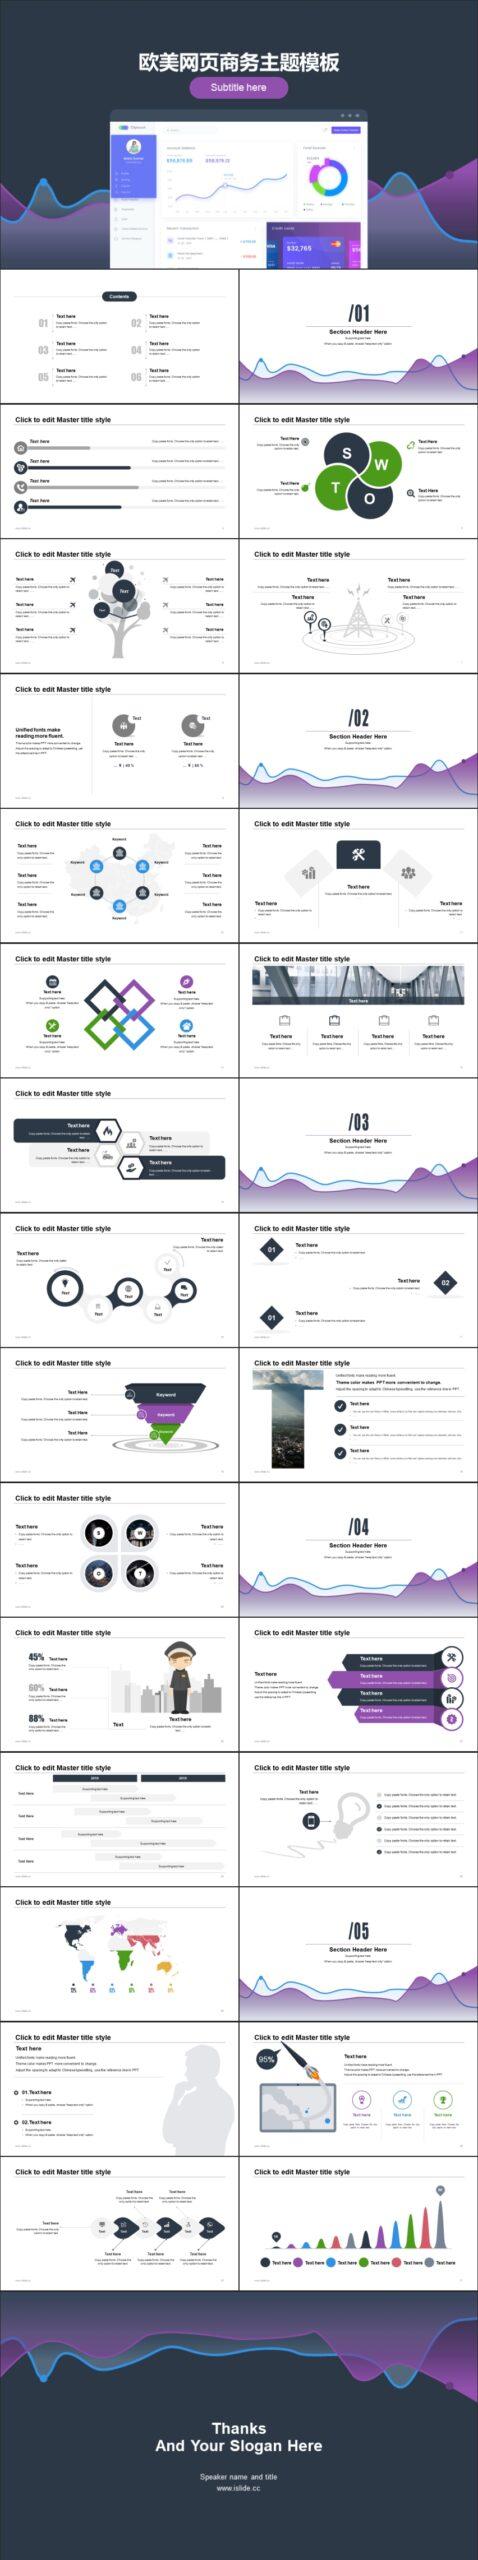 简约商务风格网站竞争分析PPT模板下载_预览图2